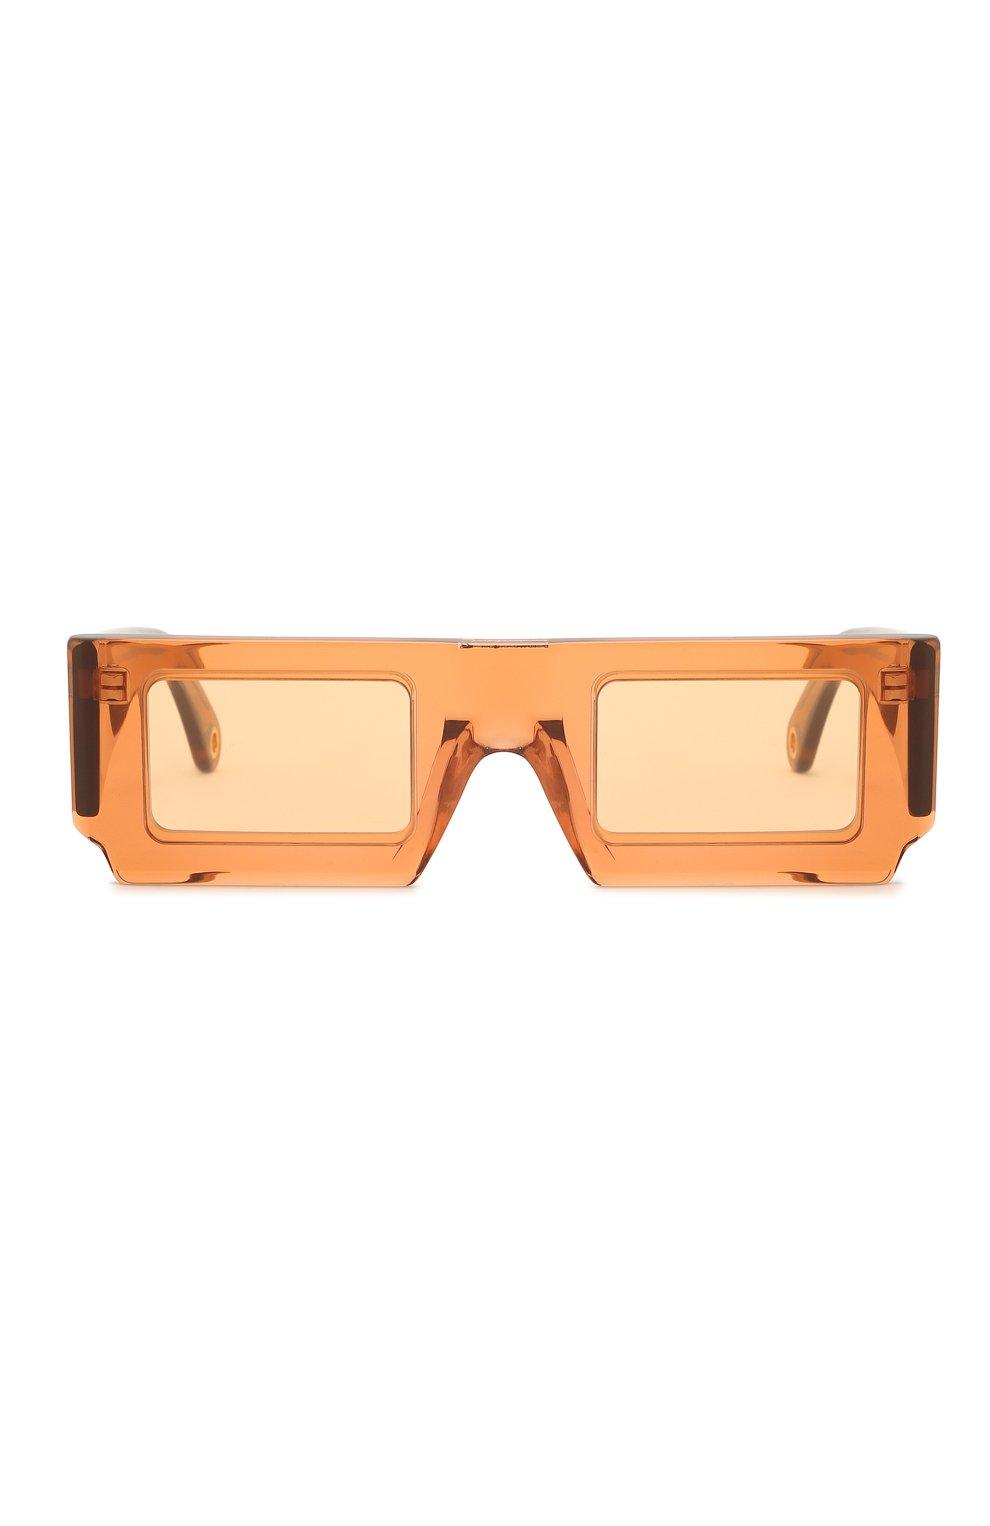 Женские солнцезащитные очки JACQUEMUS коричневого цвета, арт. LES LUNETTES S0LEIL SHADE 0F 0RANGE | Фото 4